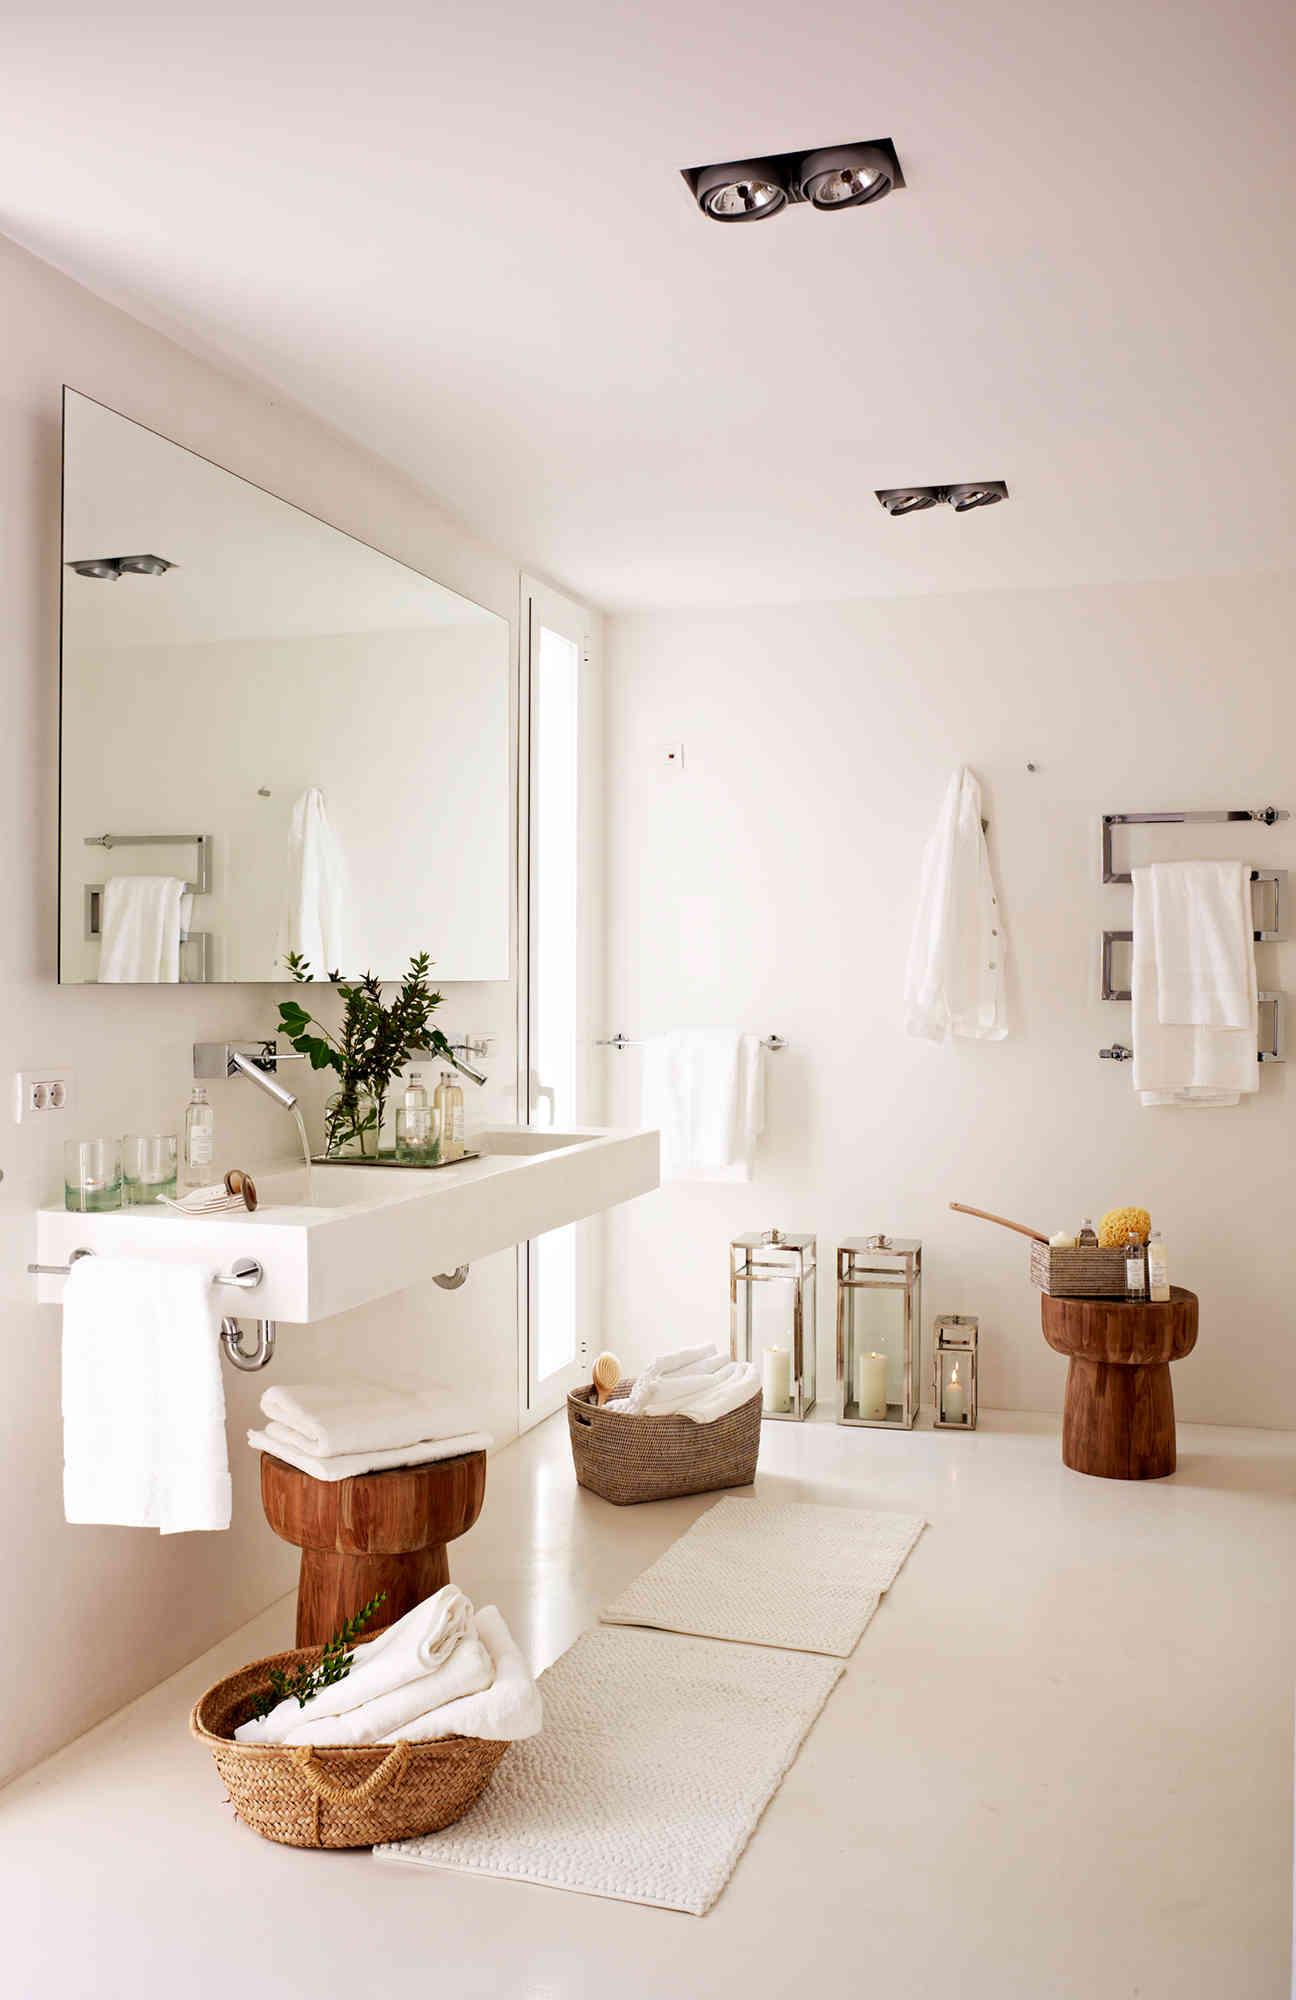 1 bano blanco moderno con encimera volada y radiador toallero en forma de zig zag fontaneros madrid reparaciones urgentes madrid